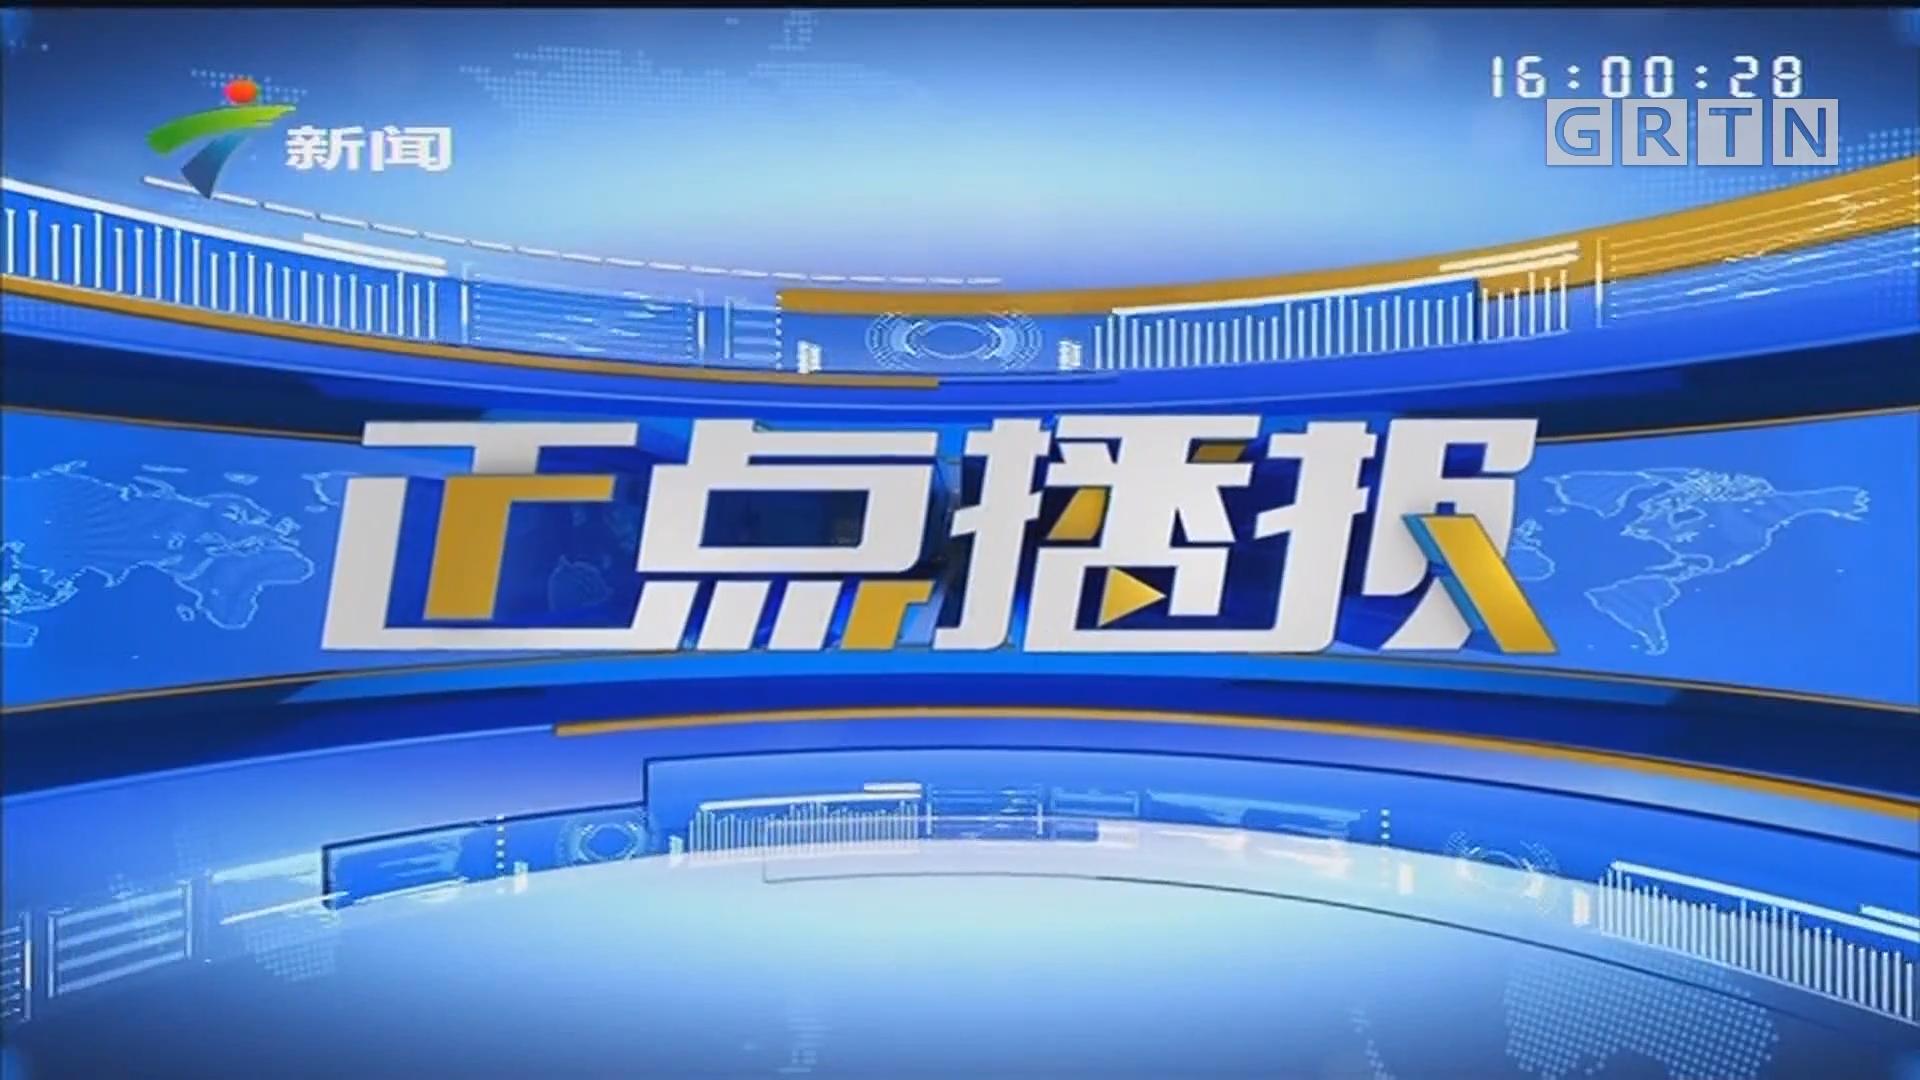 [HD][2019-07-26]正点播报:潮州:白鹭飞舞海豚游 海岛海域焕生机